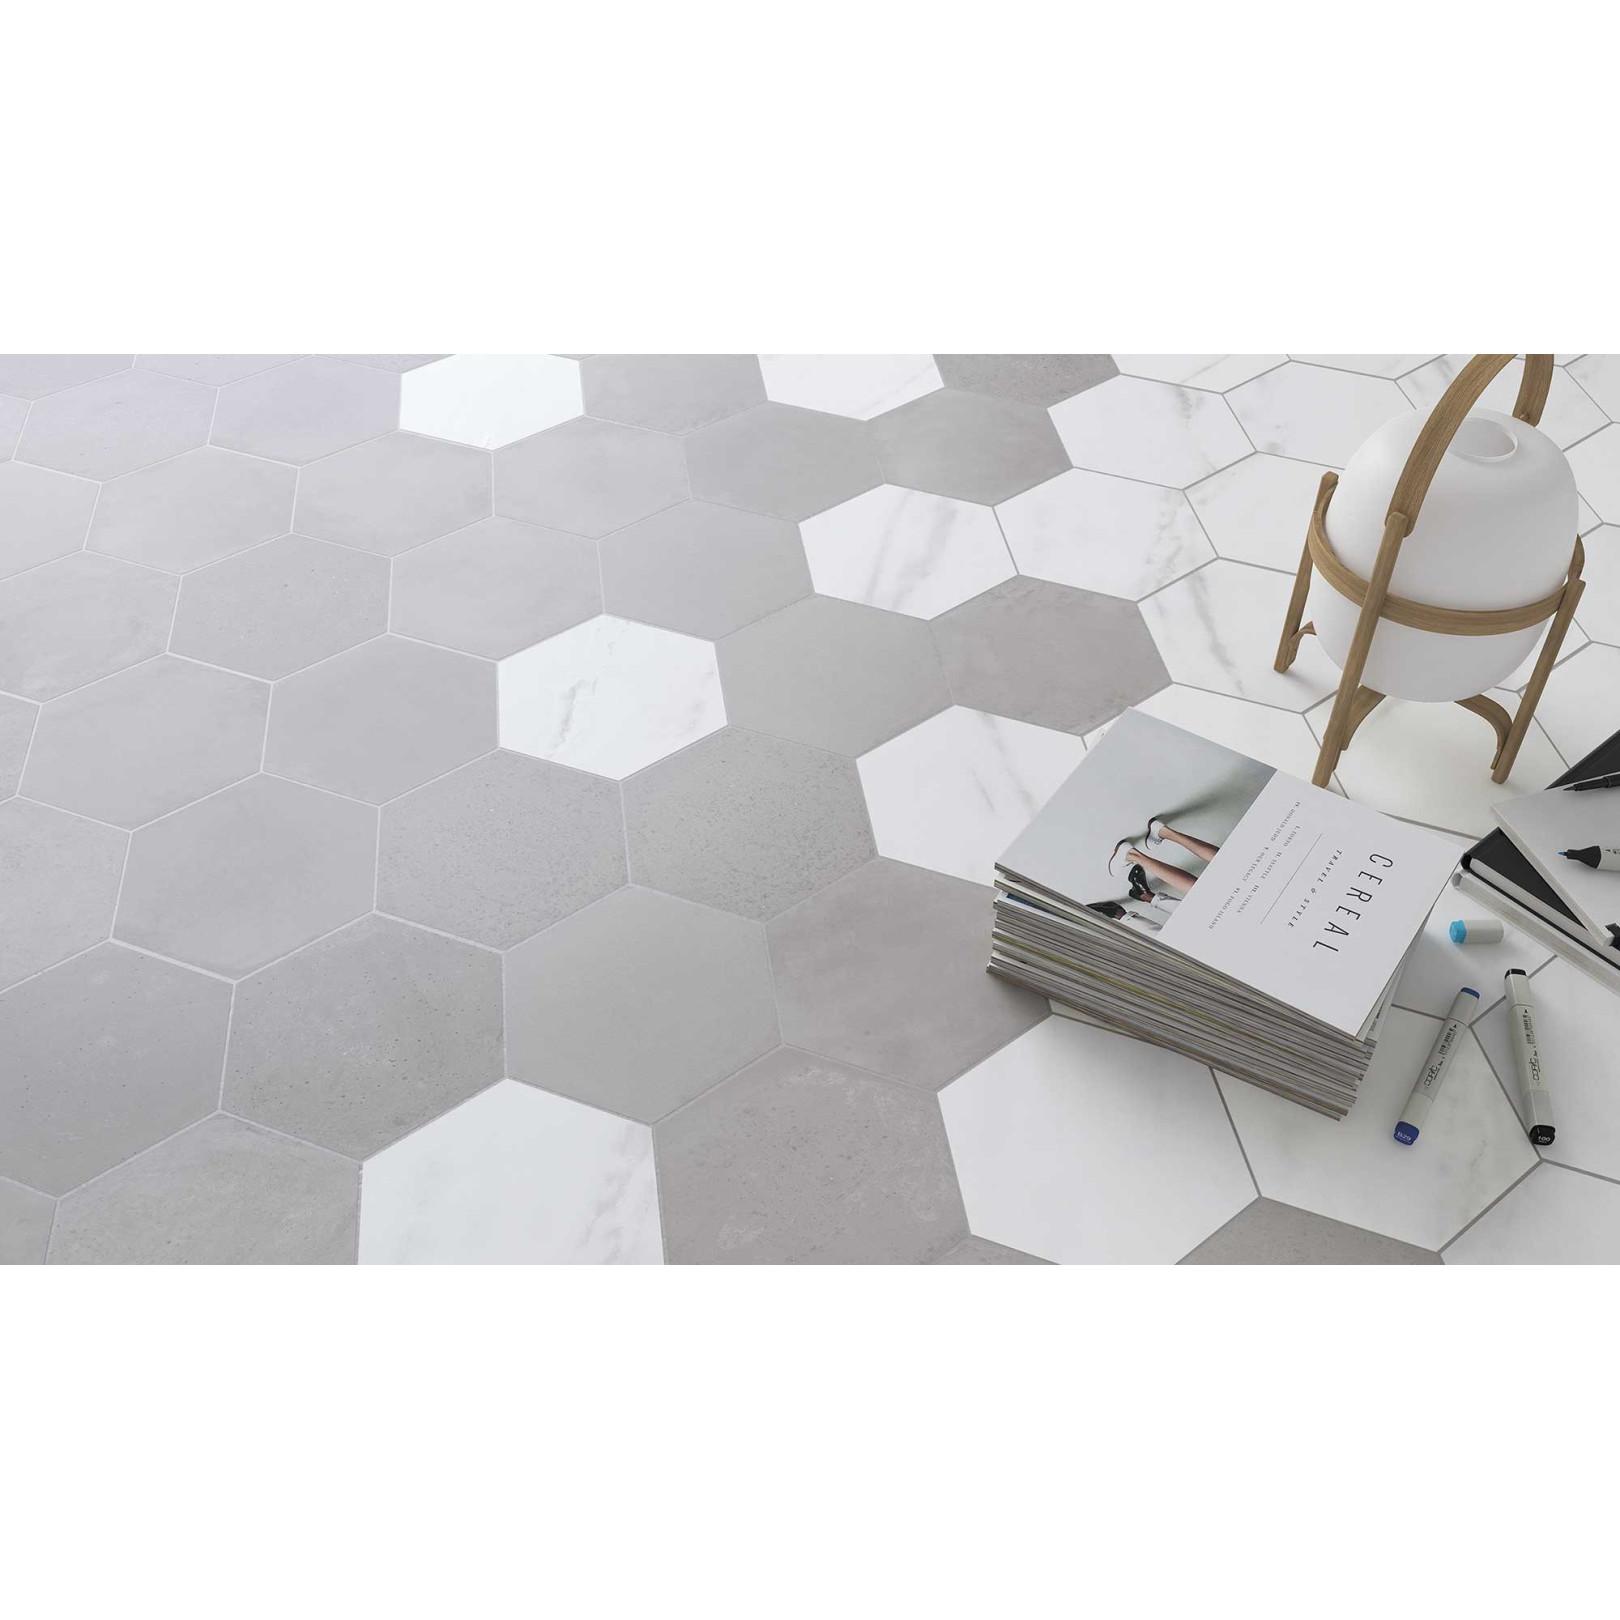 Carrelage grès cérame Love Affairs Concrete hexagone 20x23cm effet béton brut